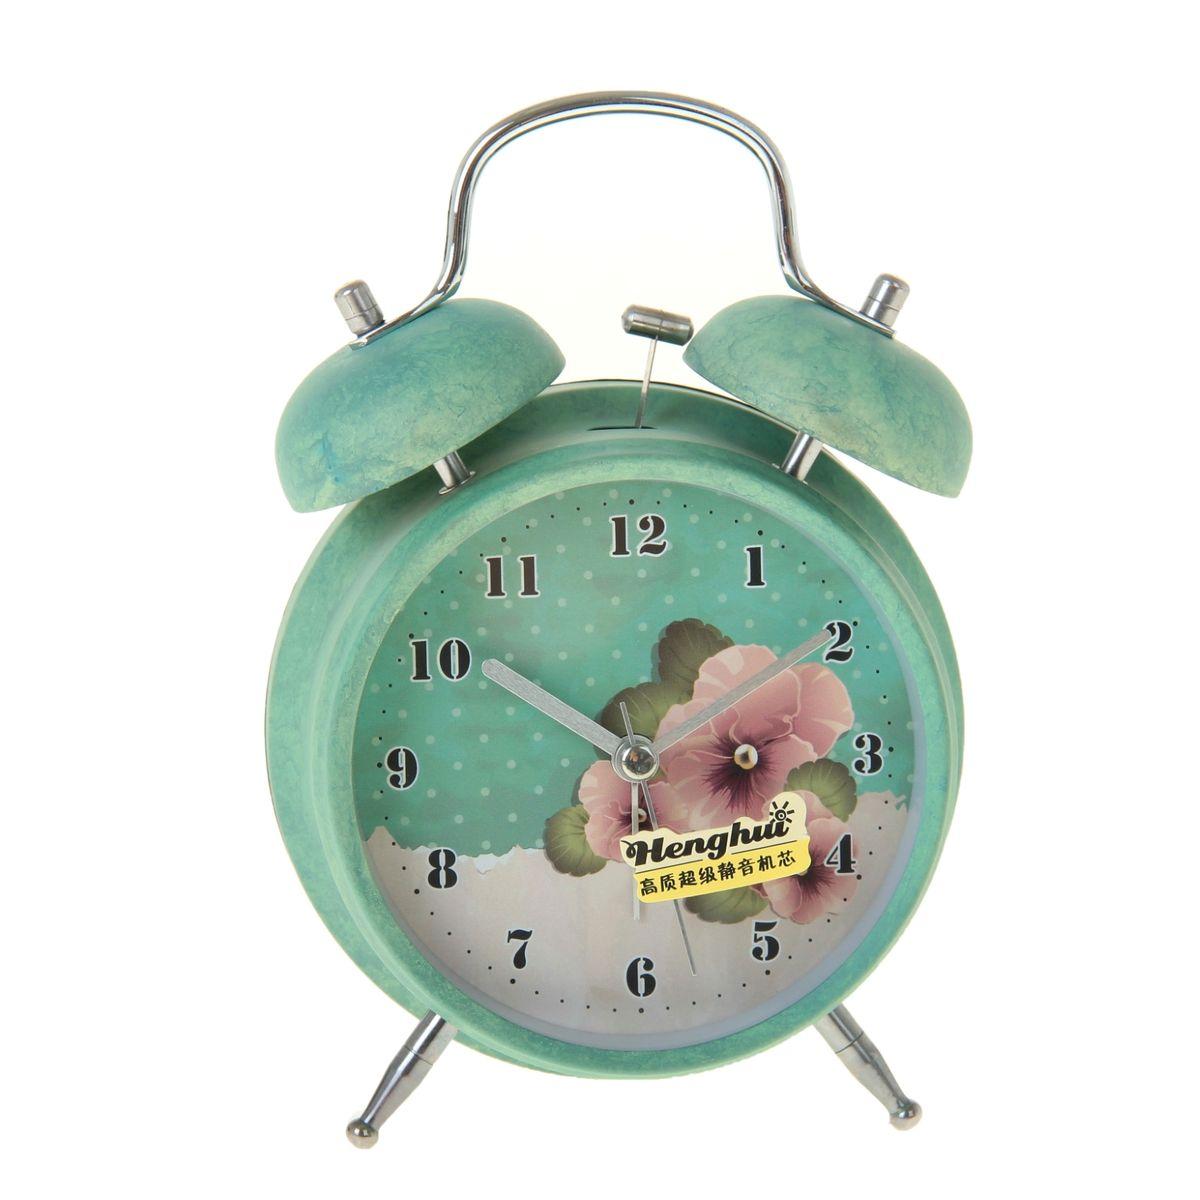 Часы-будильник Sima-land. 906610906610Как же сложно иногда вставать вовремя! Всегда так хочется поспать еще хотя бы 5 минут и бывает, что мы просыпаем. Теперь этого не случится! Яркий, оригинальный будильник Sima-land поможет вам всегда вставать в нужное время и успевать везде и всюду. Время показывает точно и будит в установленный час. Будильник украсит вашу комнату и приведет в восхищение друзей. На задней панели будильника расположены переключатель включения/выключения механизма и два колесика для настройки текущего времени и времени звонка будильника. Также будильник оснащен кнопкой, при нажатии и удержании которой, подсвечивается циферблат. Будильник работает от 1 батарейки типа AA напряжением 1,5V (не входит в комплект).